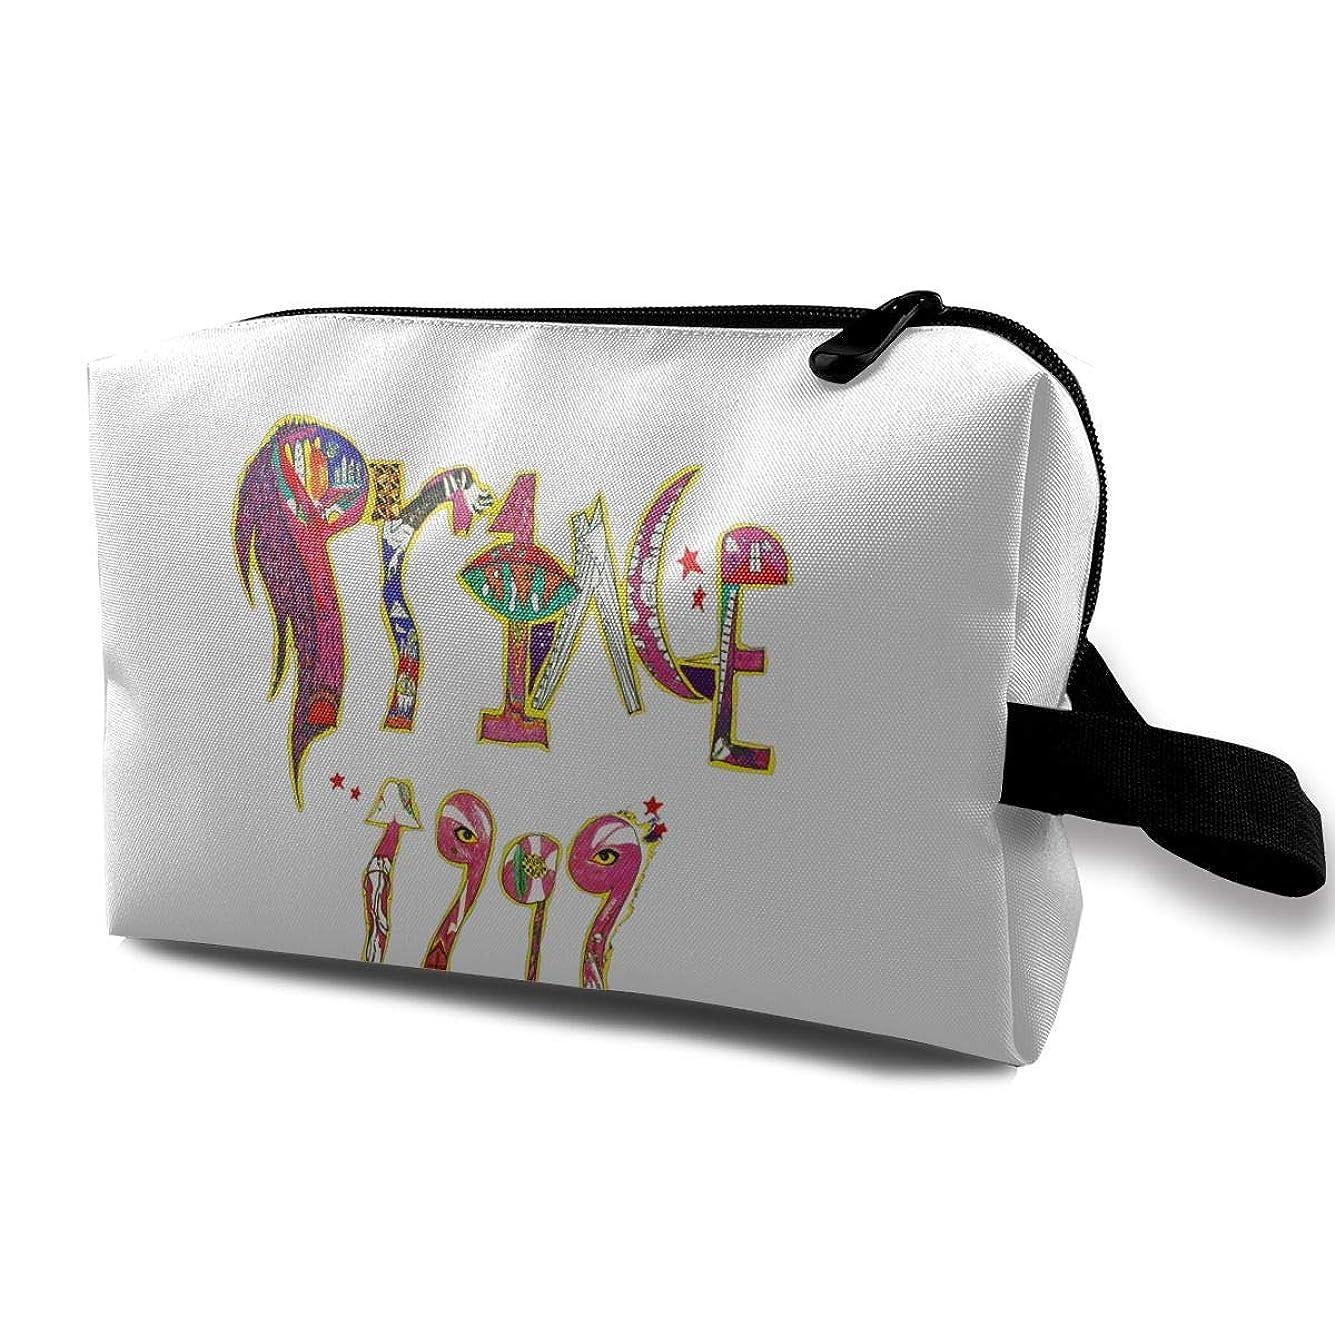 ペンス貯水池ペン化粧ポーチ 防水 機能的 旅行化粧品バッグ 持ち運び便利 トラベル収納バッグ